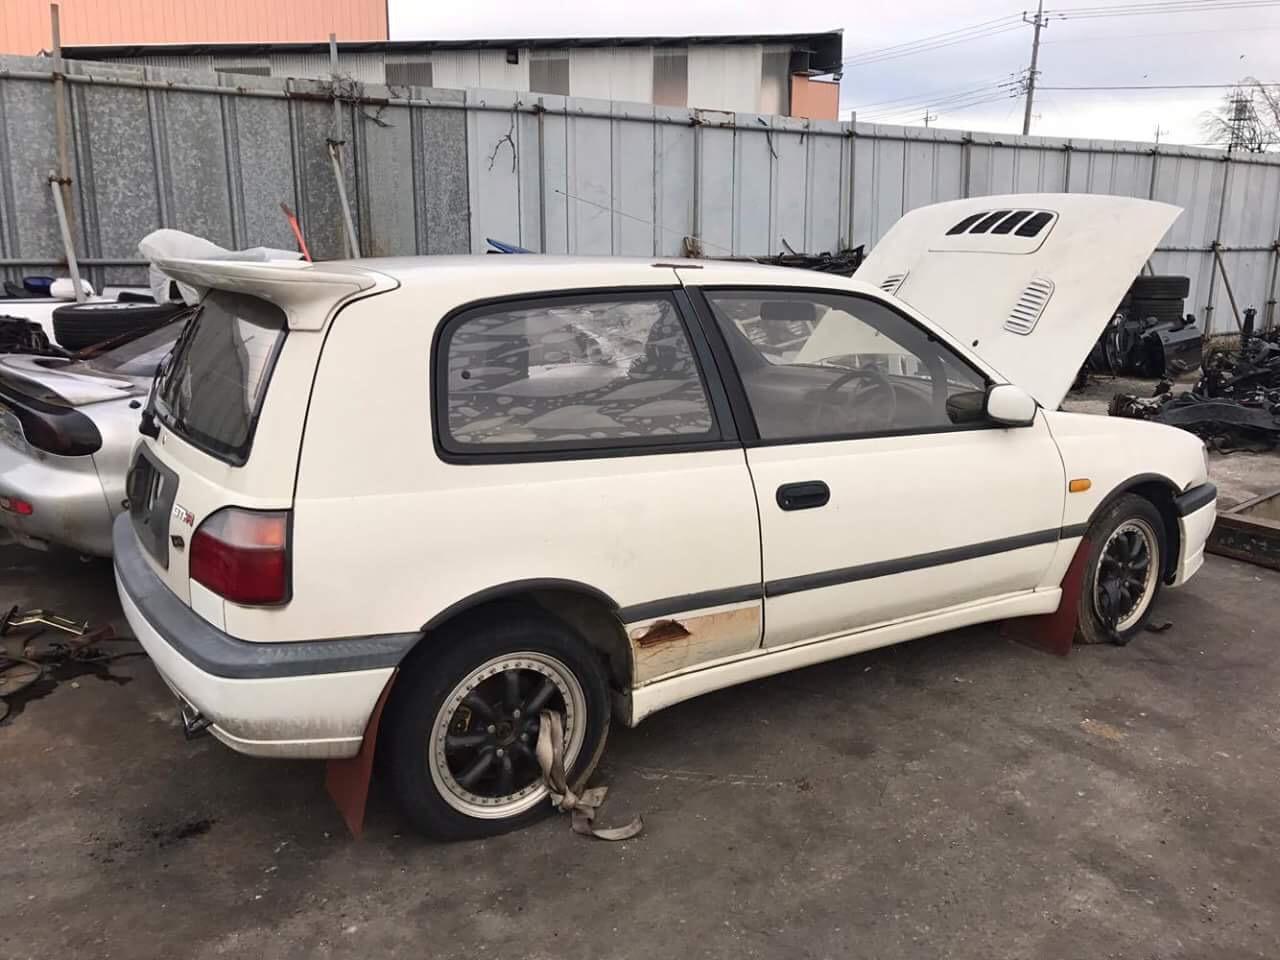 1991 Nissan Pulsar GTI-R Rally Car RNN14 | Fed Legal Imports